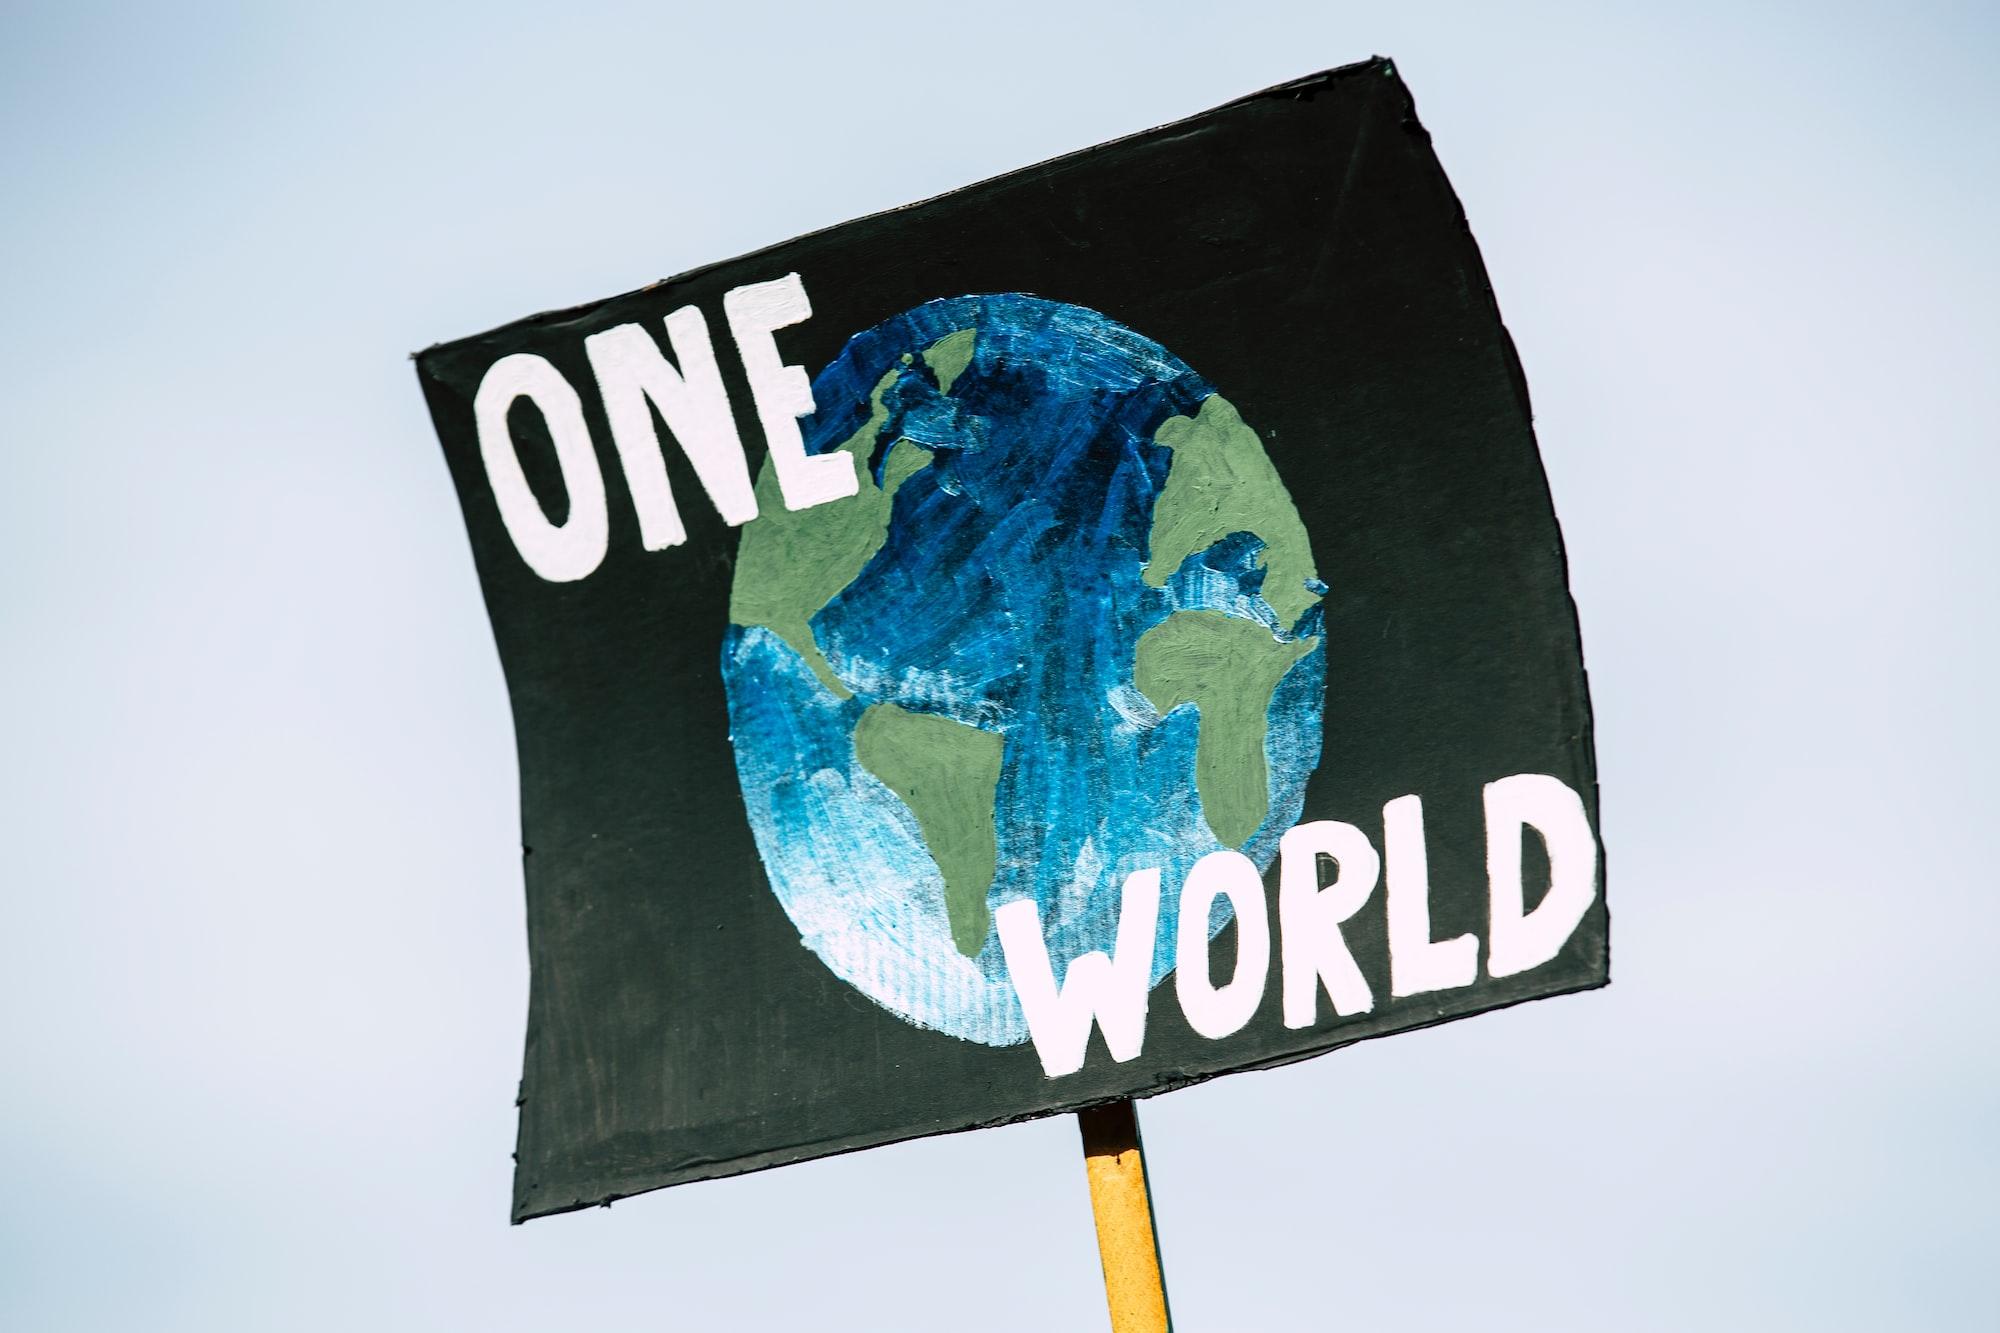 28: Climate change, energy, biodiversity